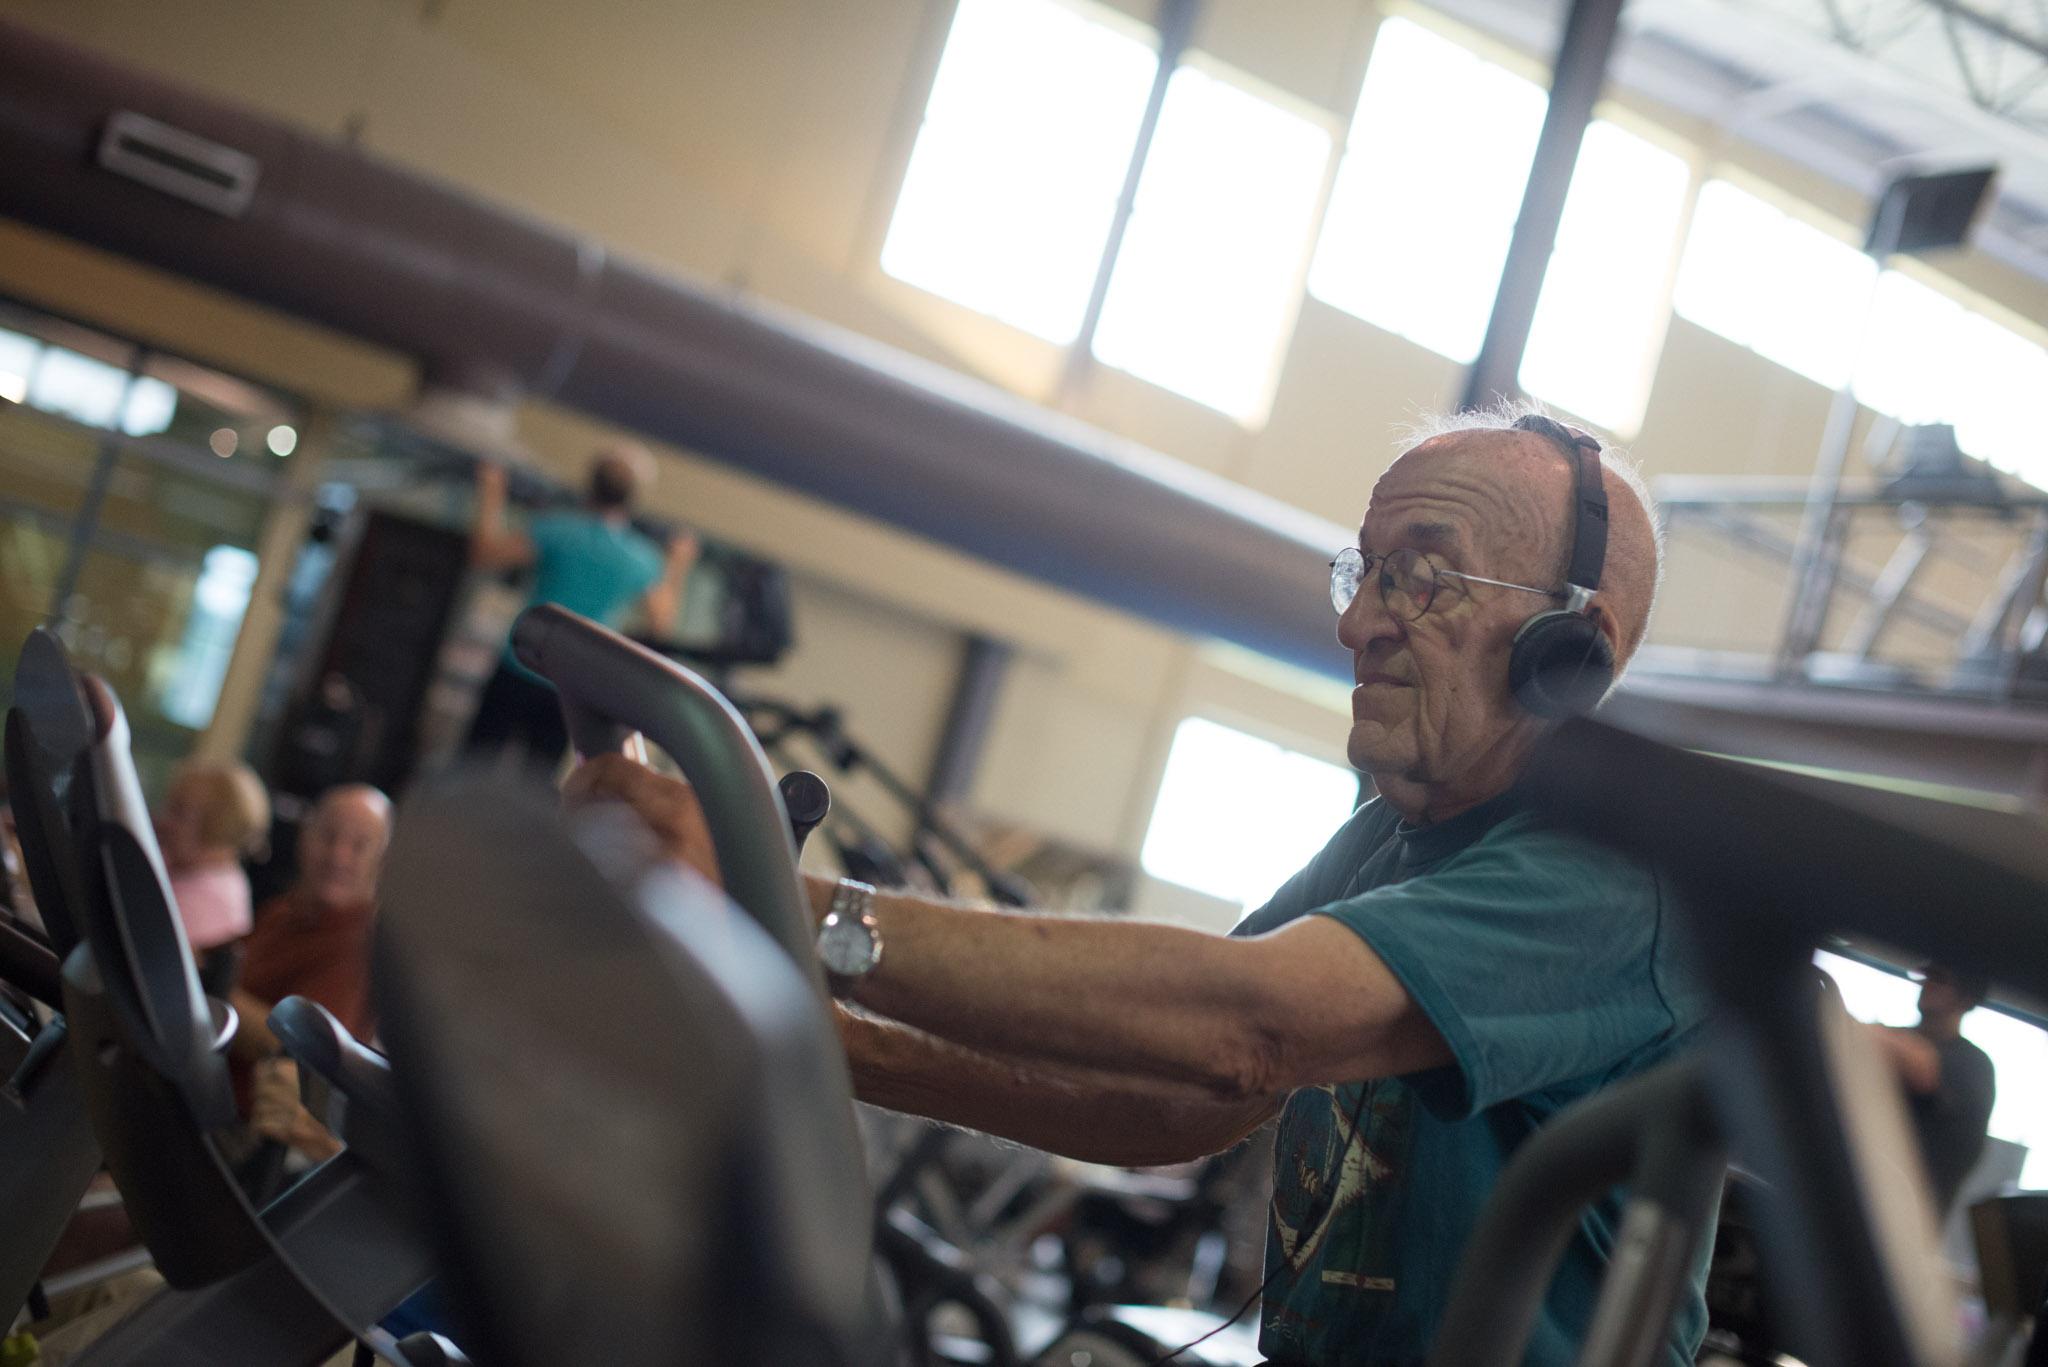 Wellness Center Stock Photos-1162.jpg